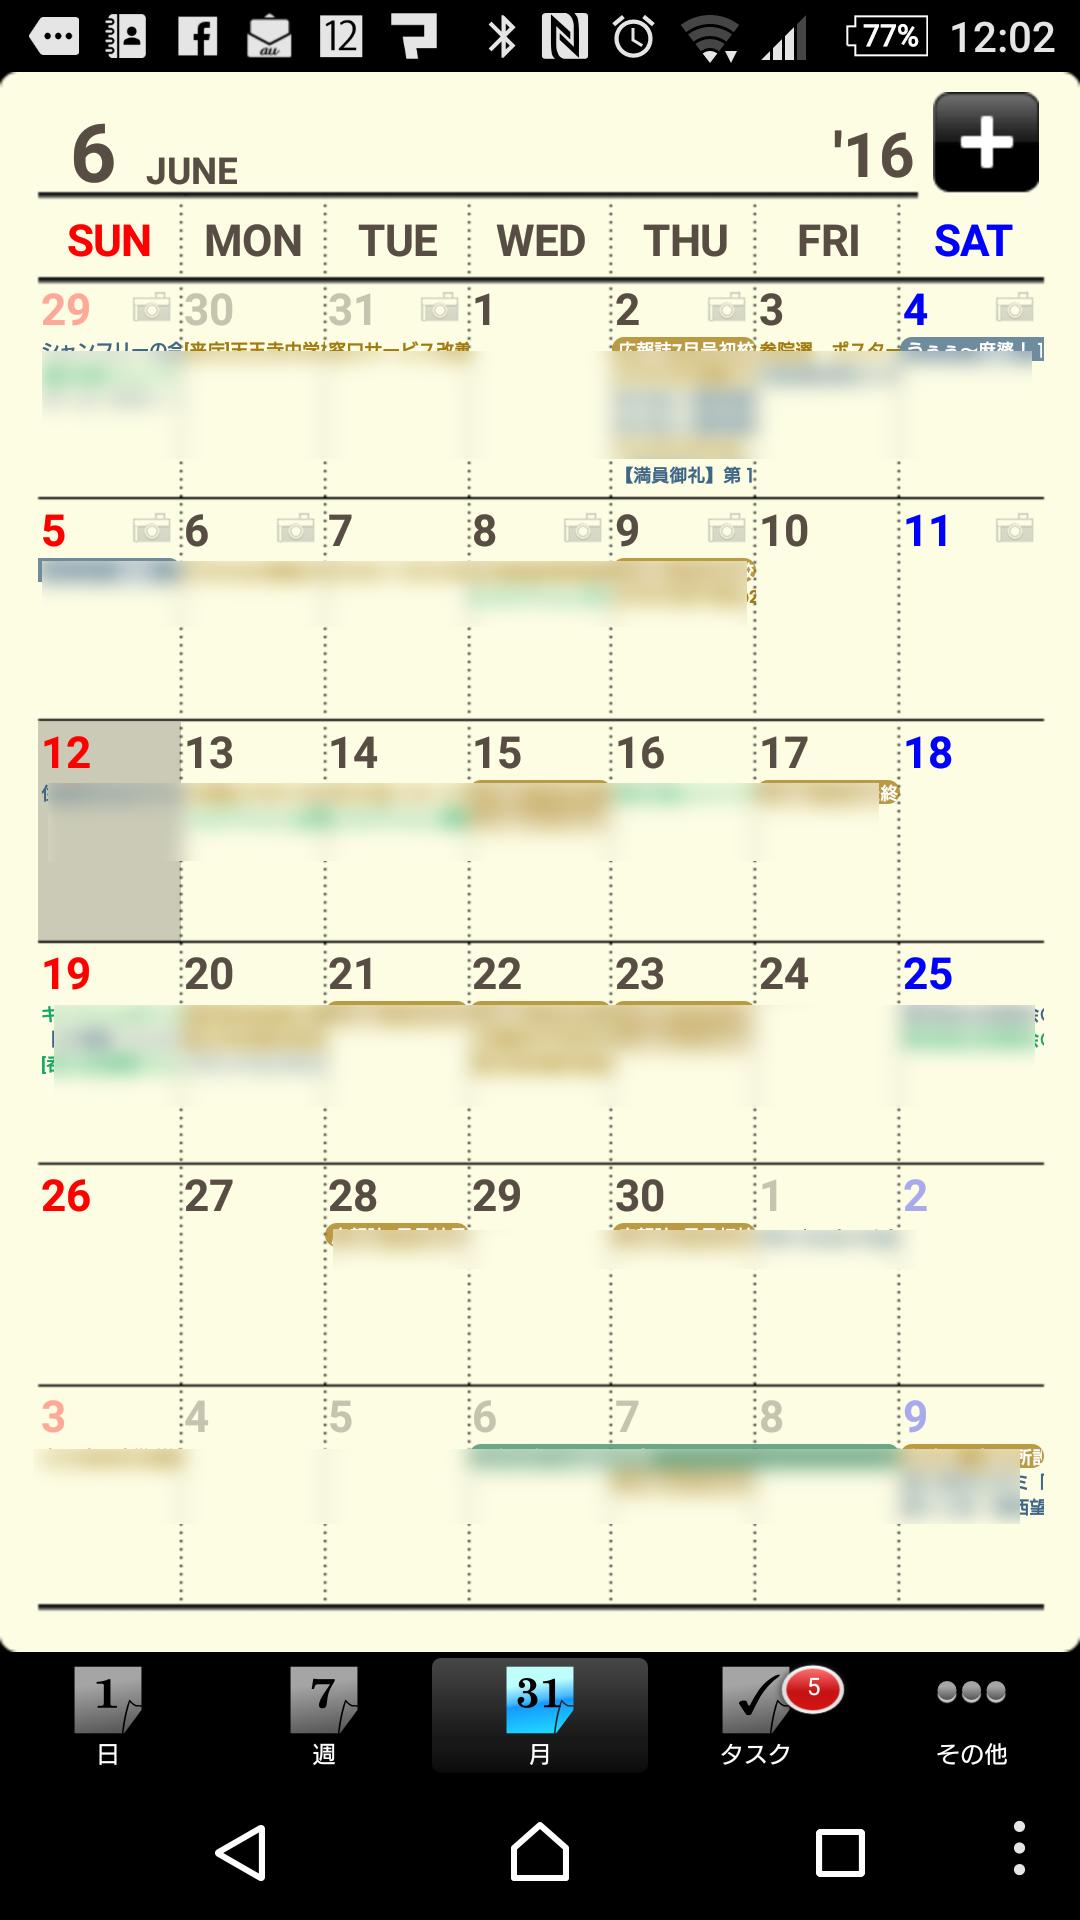 スマホのカレンダーアプリは何がベストか考える 2016初夏